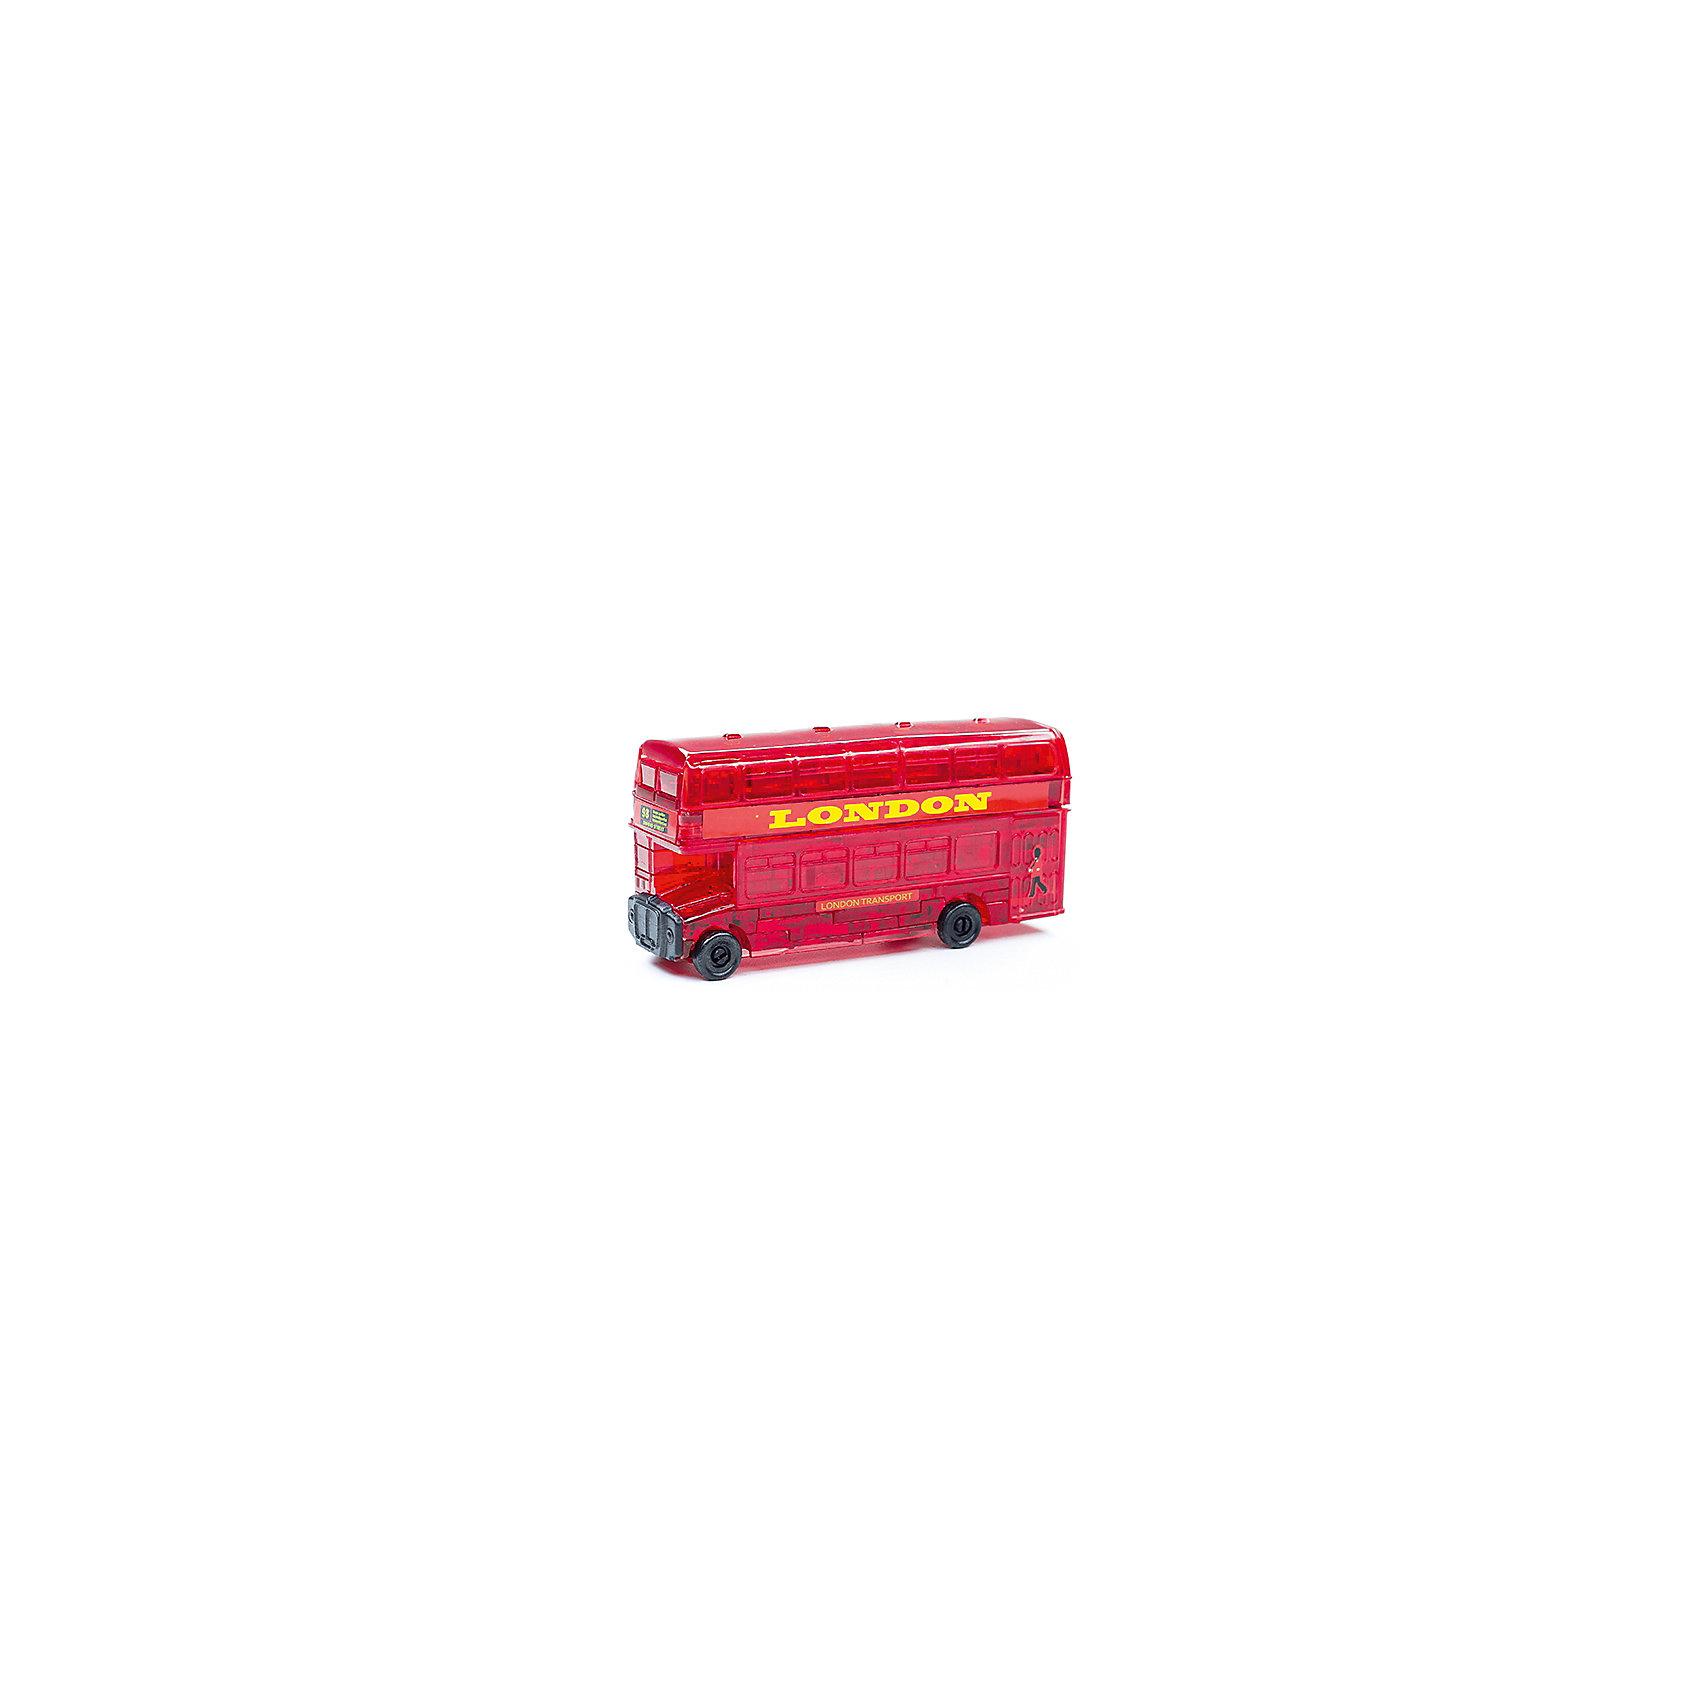 Кристаллический пазл 3D Лондонский автобус, Crystal PuzzleКристаллический пазл 3D Лондонский автобус, Crystal Puzzle (Кристал Пазл)<br><br>Характеристики:<br><br>• яркий объемный пазл<br>• размер готовой фигурки: 8 см<br>• количество деталей: 53<br>• высокая сложность<br>• размер упаковки: 5х14х10 см<br>• вес: 244 грамма<br>• материал: пластик<br><br>3D пазл - настоящая находка для любителей сложных головоломок. В набор Лондонский автобус входят 53 детали, собрав, которые вы сможете насладиться яркой сверкающей фигуркой двухэтажного автобуса. Процесс сборки достаточно сложен, поэтому в комплекте есть подробная инструкция для каждой детали. Кроме того, собирая 3D пазл, вы развиваете логическое и пространственное мышление, моторику рук и внимательность.<br><br>Кристаллический пазл 3D Лондонский автобус, Crystal Puzzle (Кристал Пазл) вы можете купить в нашем интернет-магазине.<br><br>Ширина мм: 100<br>Глубина мм: 140<br>Высота мм: 50<br>Вес г: 244<br>Возраст от месяцев: 120<br>Возраст до месяцев: 2147483647<br>Пол: Мужской<br>Возраст: Детский<br>SKU: 5397238